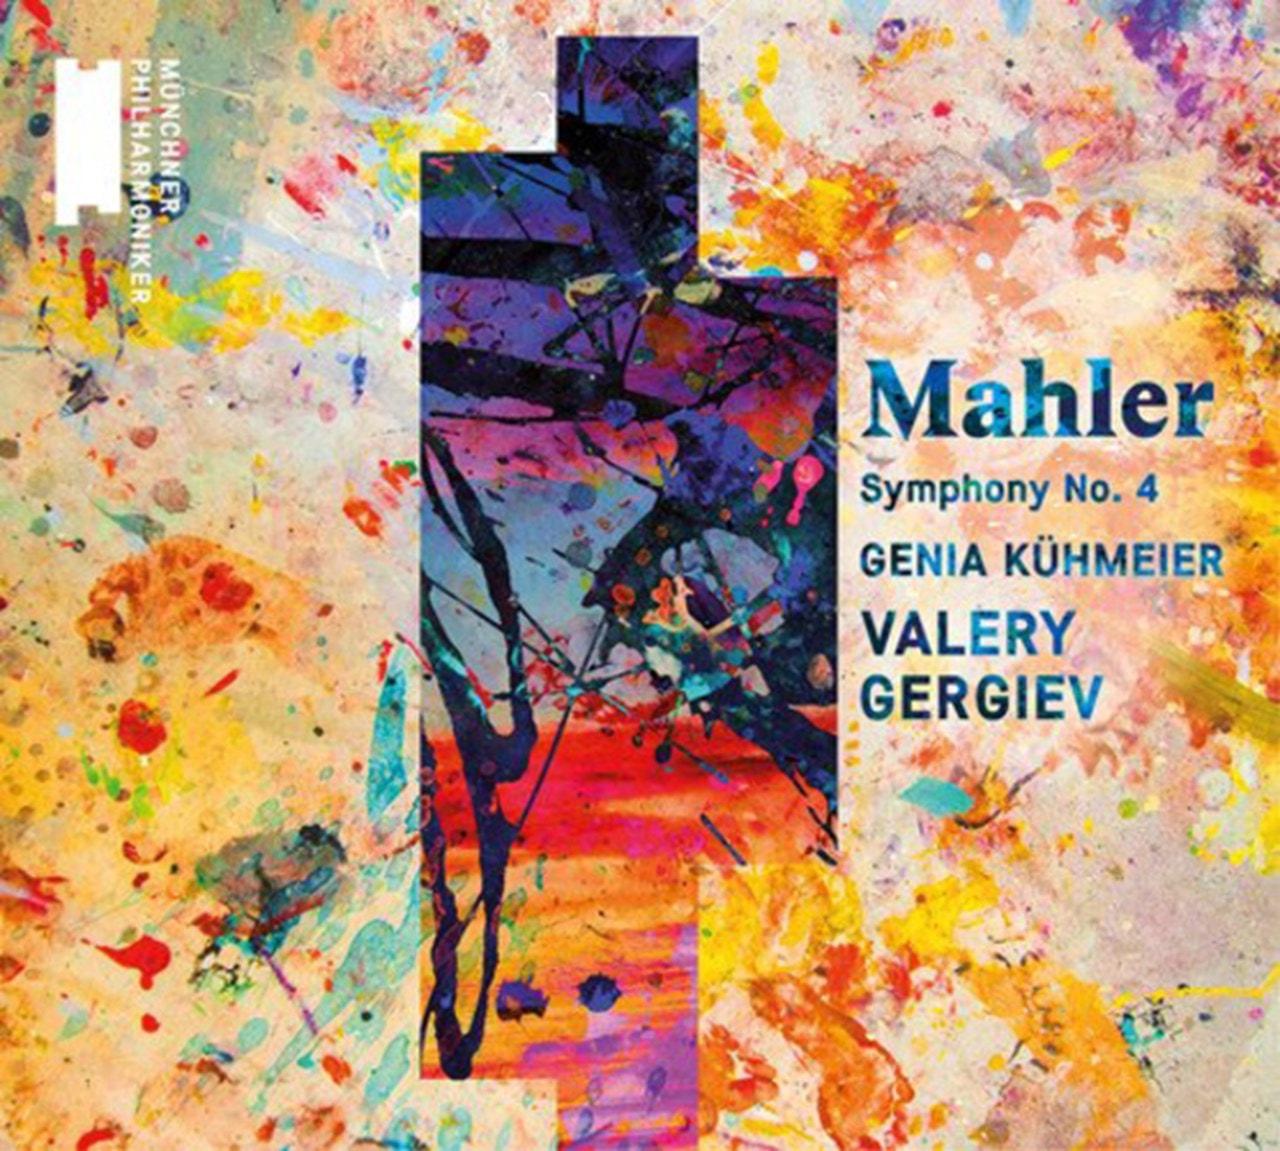 Mahler: Symphony No. 4 - 1